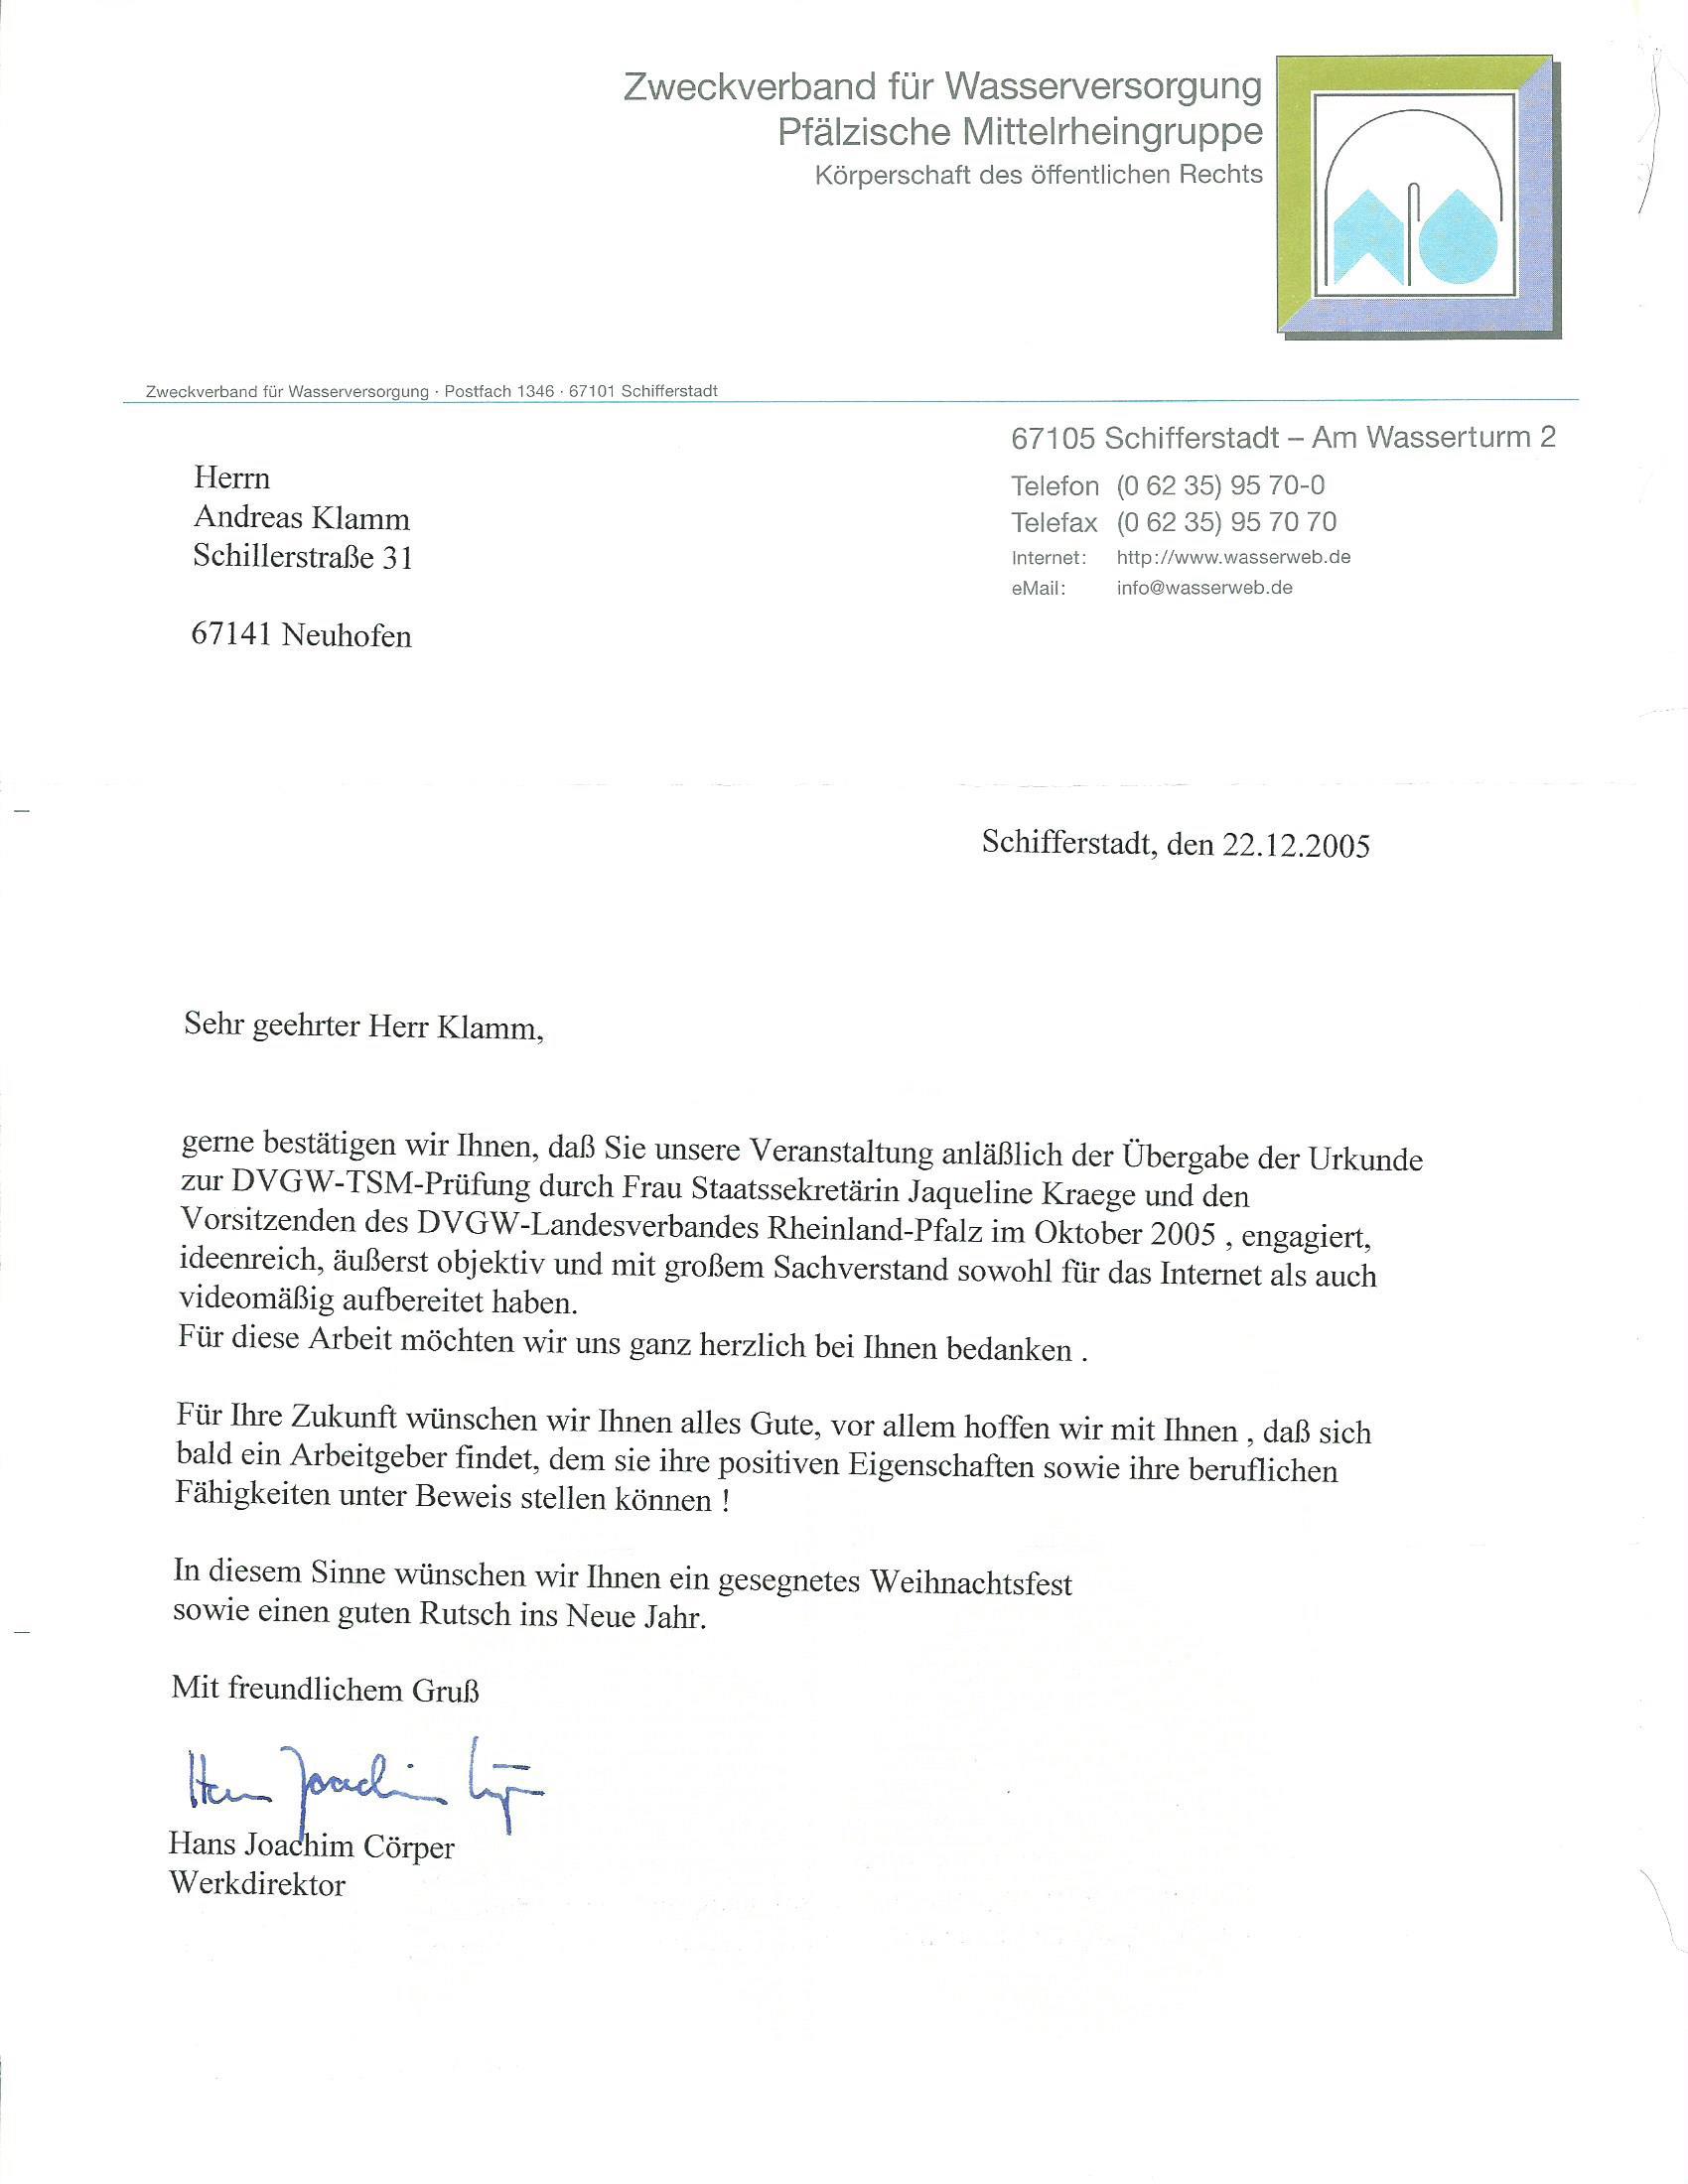 Zweckverband_Wasserversorgung1a